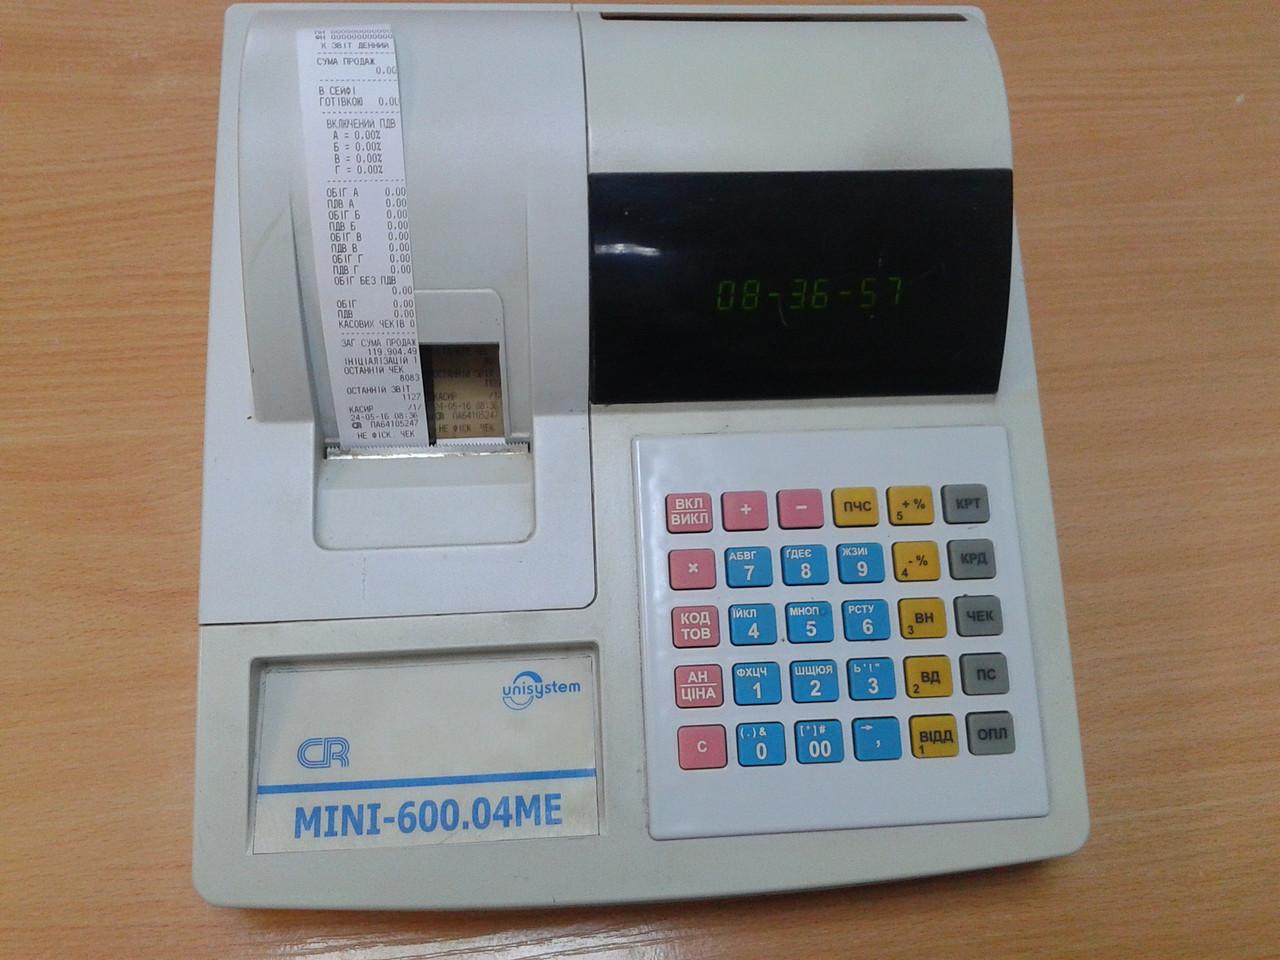 Кассовый аппарат MINI 600.04ME (б/у, нефискальный)